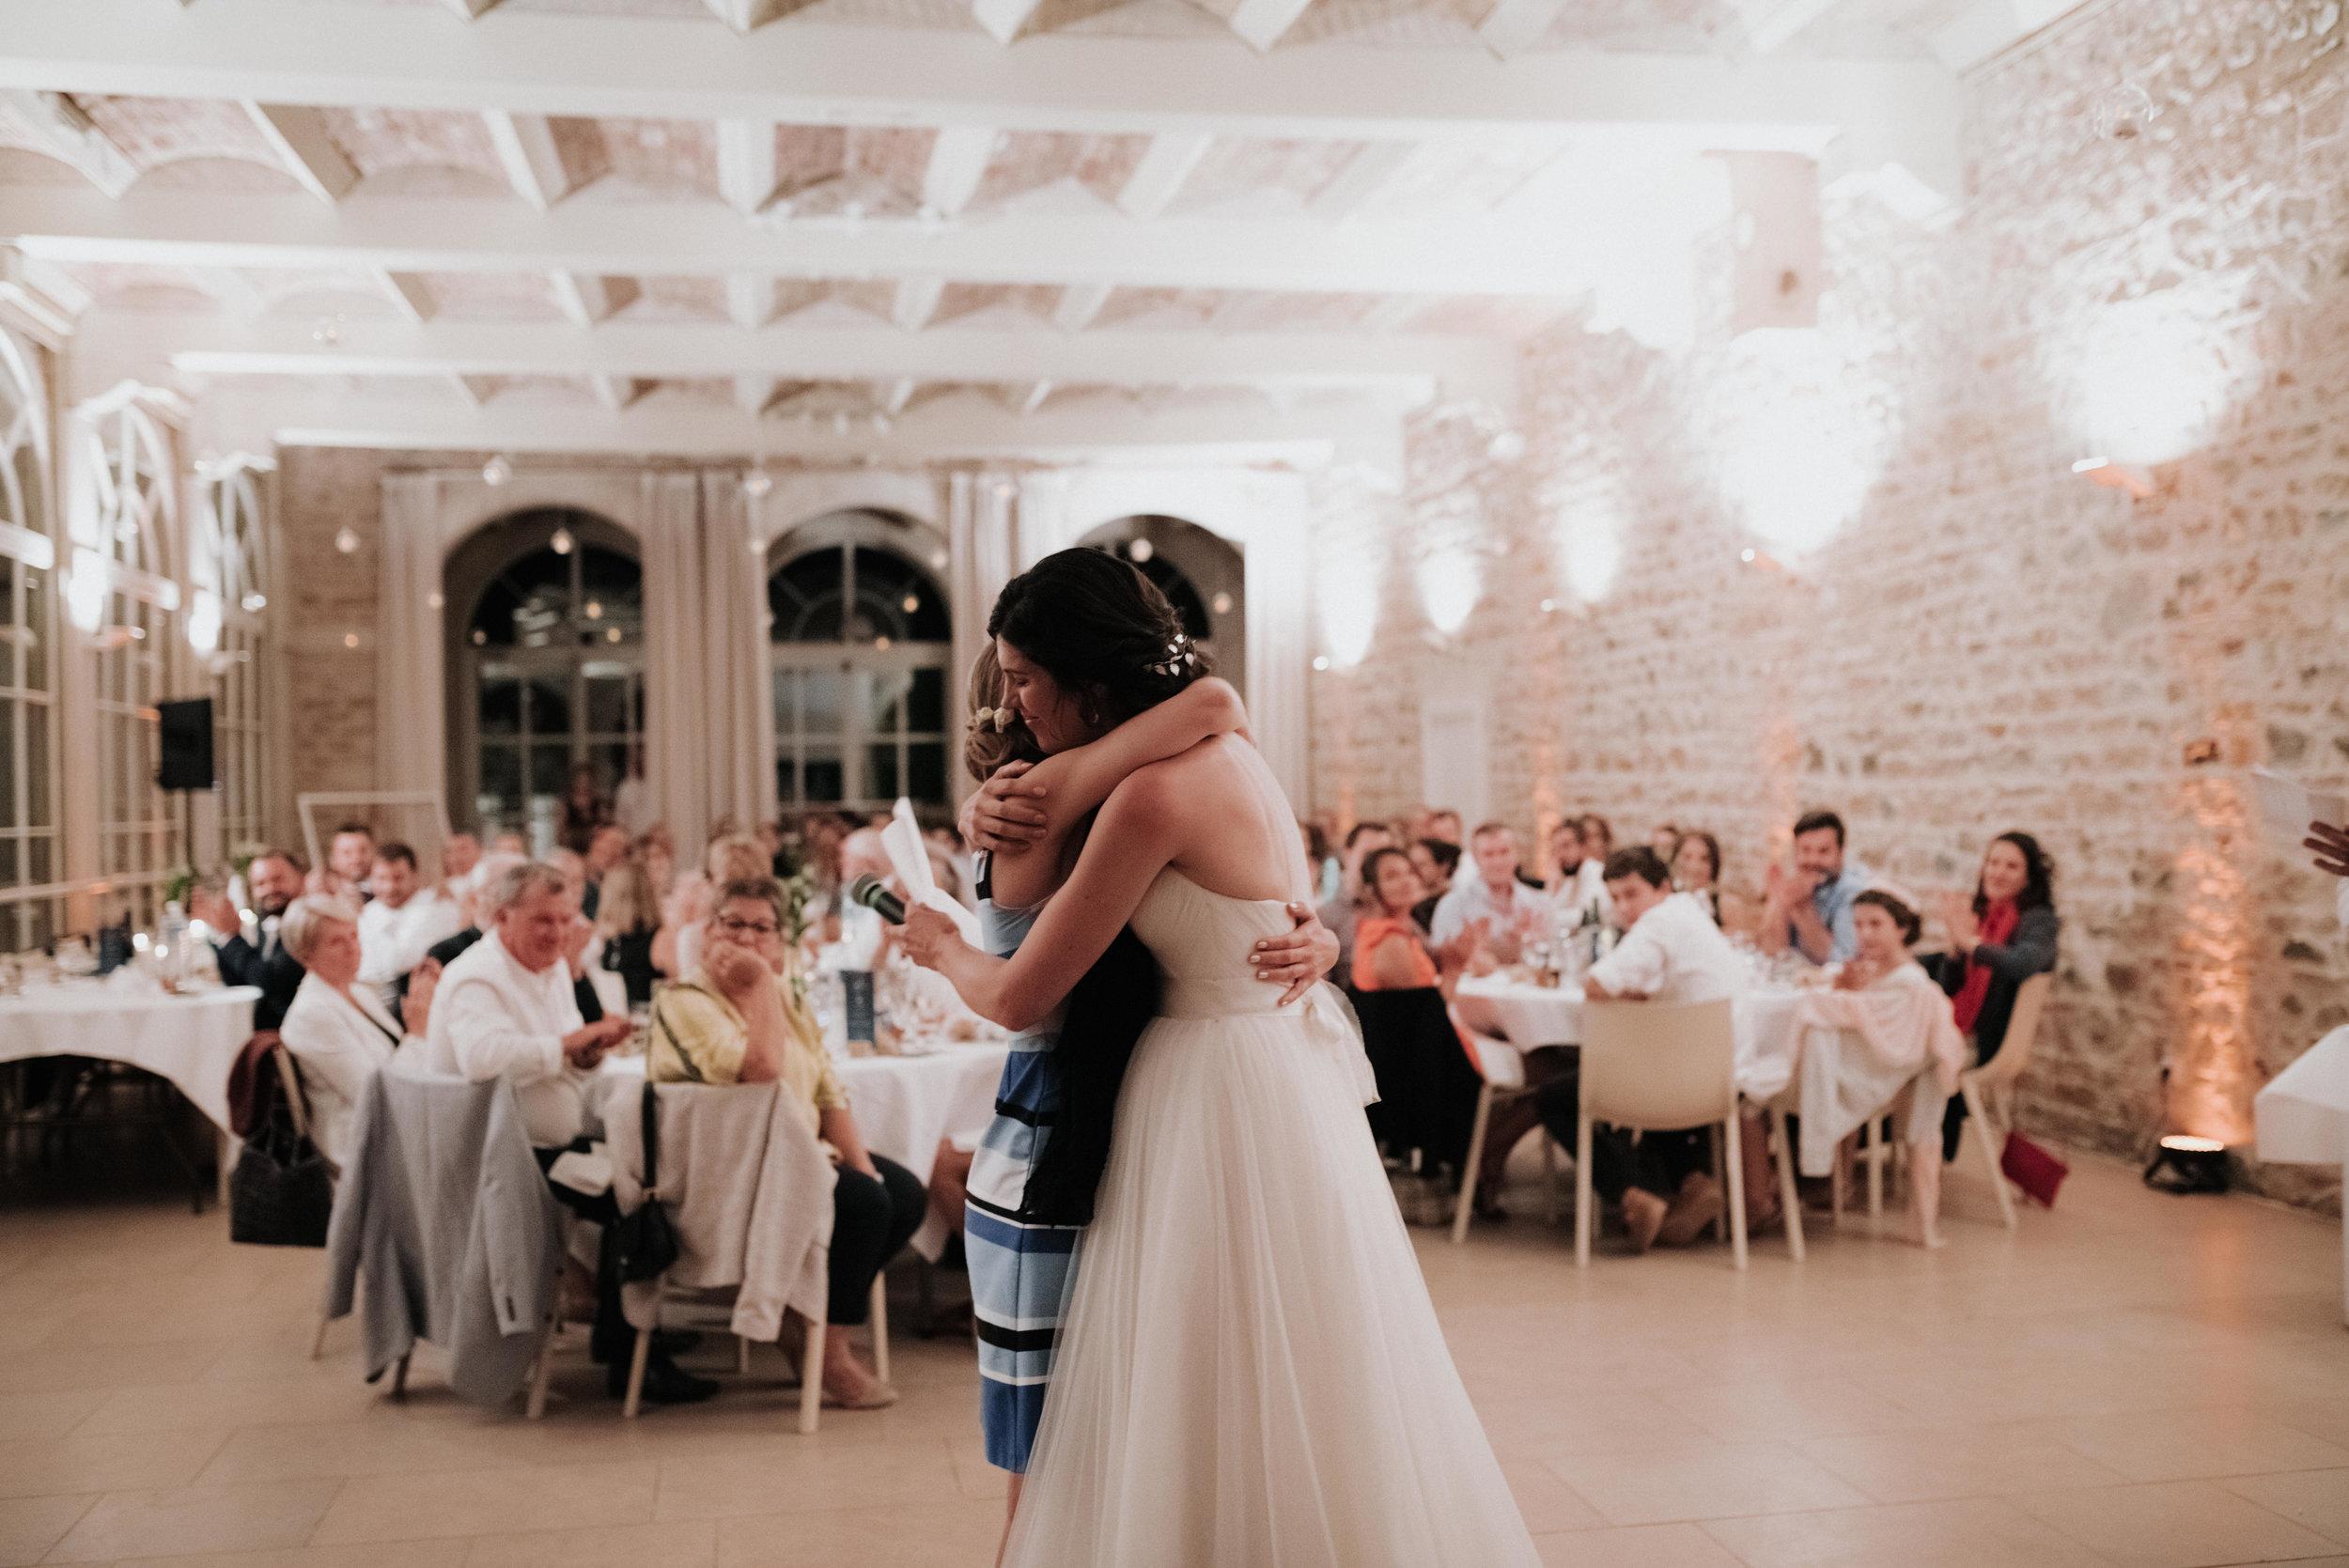 Léa-Fery-photographe-professionnel-lyon-rhone-alpes-portrait-creation-mariage-evenement-evenementiel-famille--192.jpg